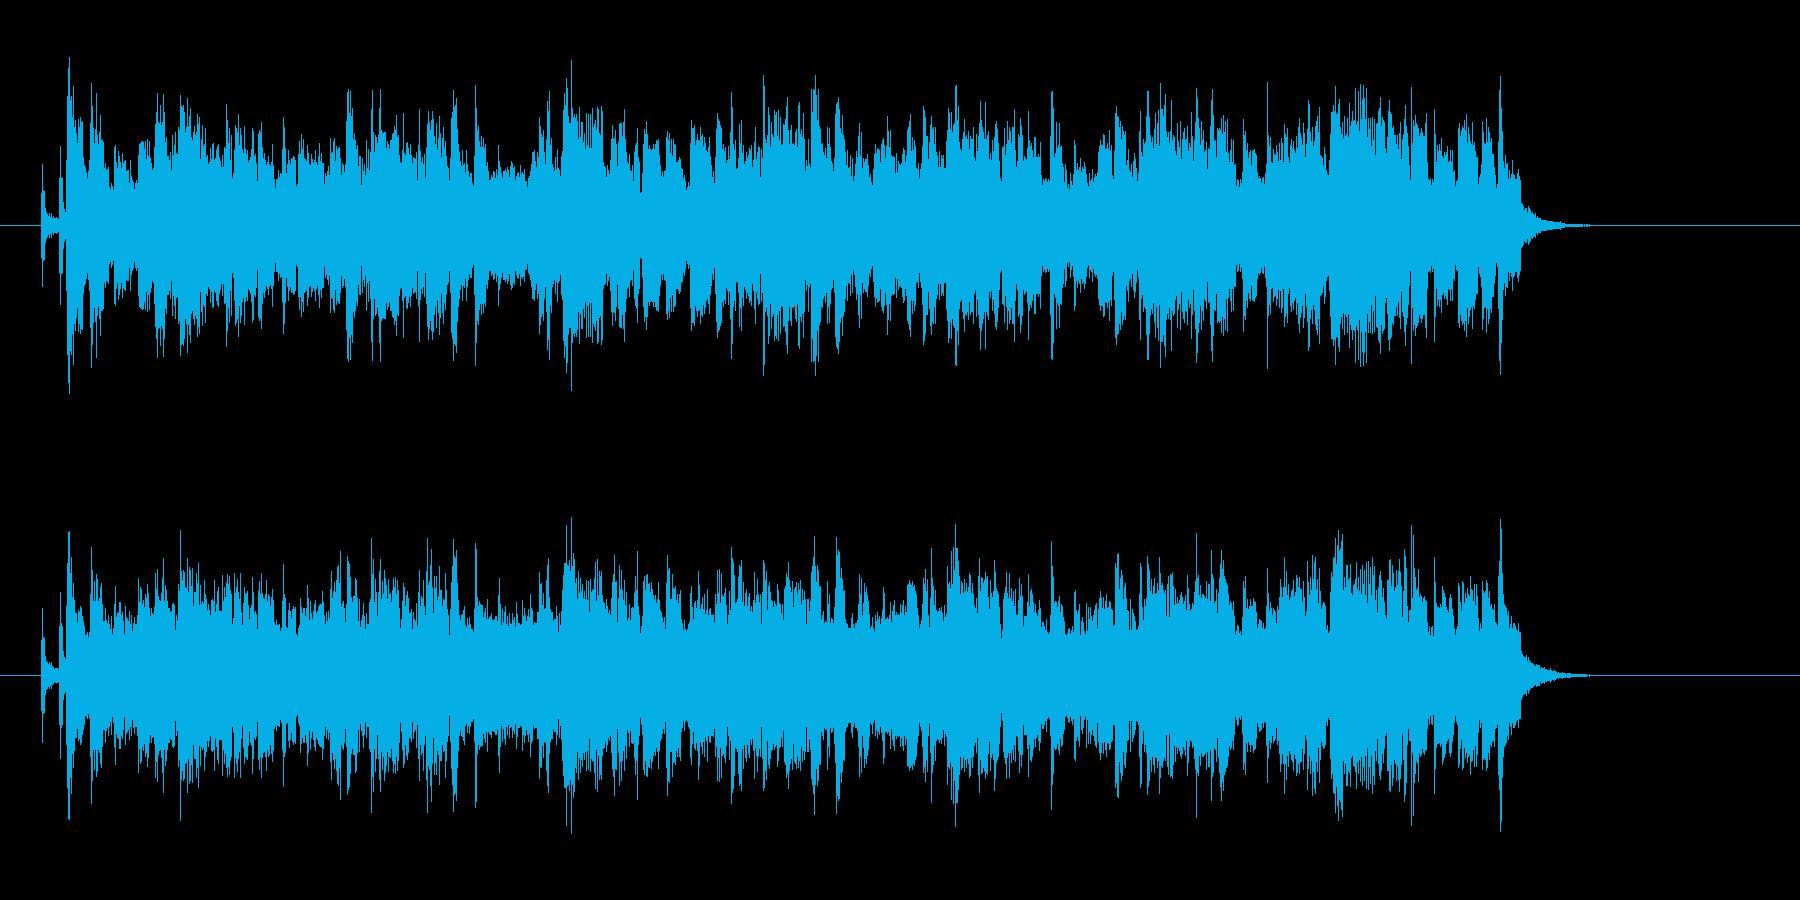 爽かなポップスのジングル曲、サウンドロゴの再生済みの波形